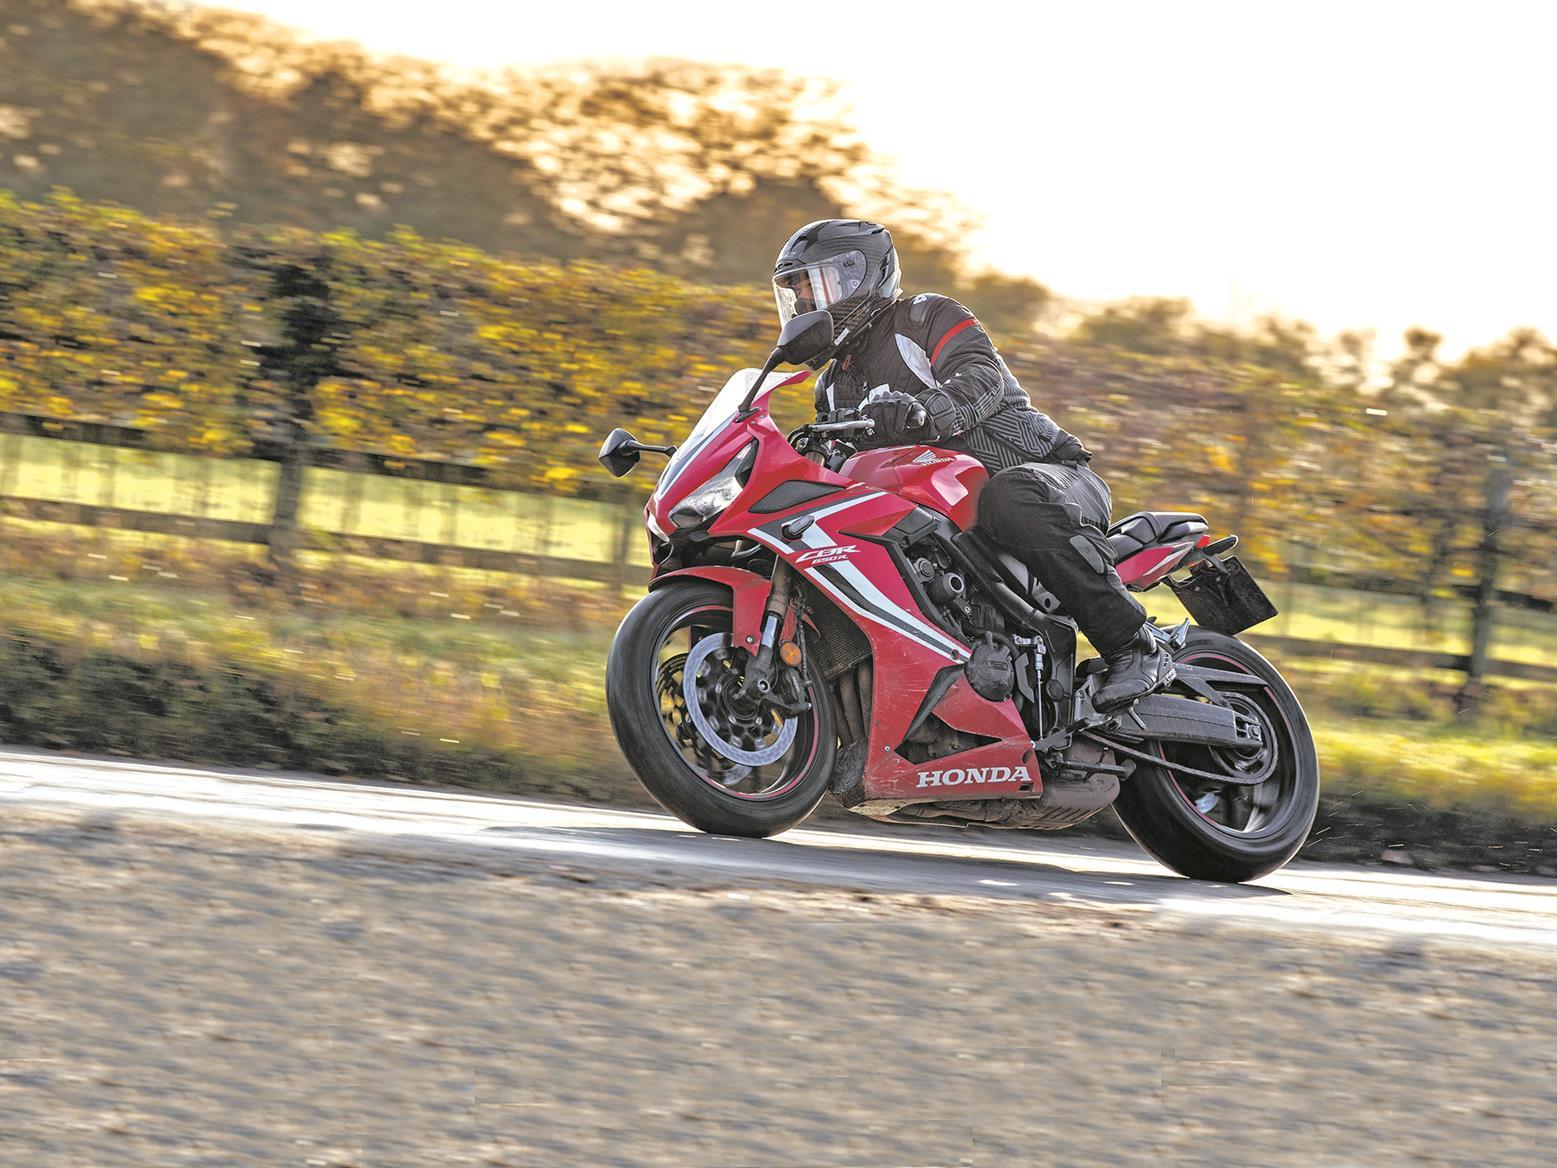 Honda CBR650R in winter